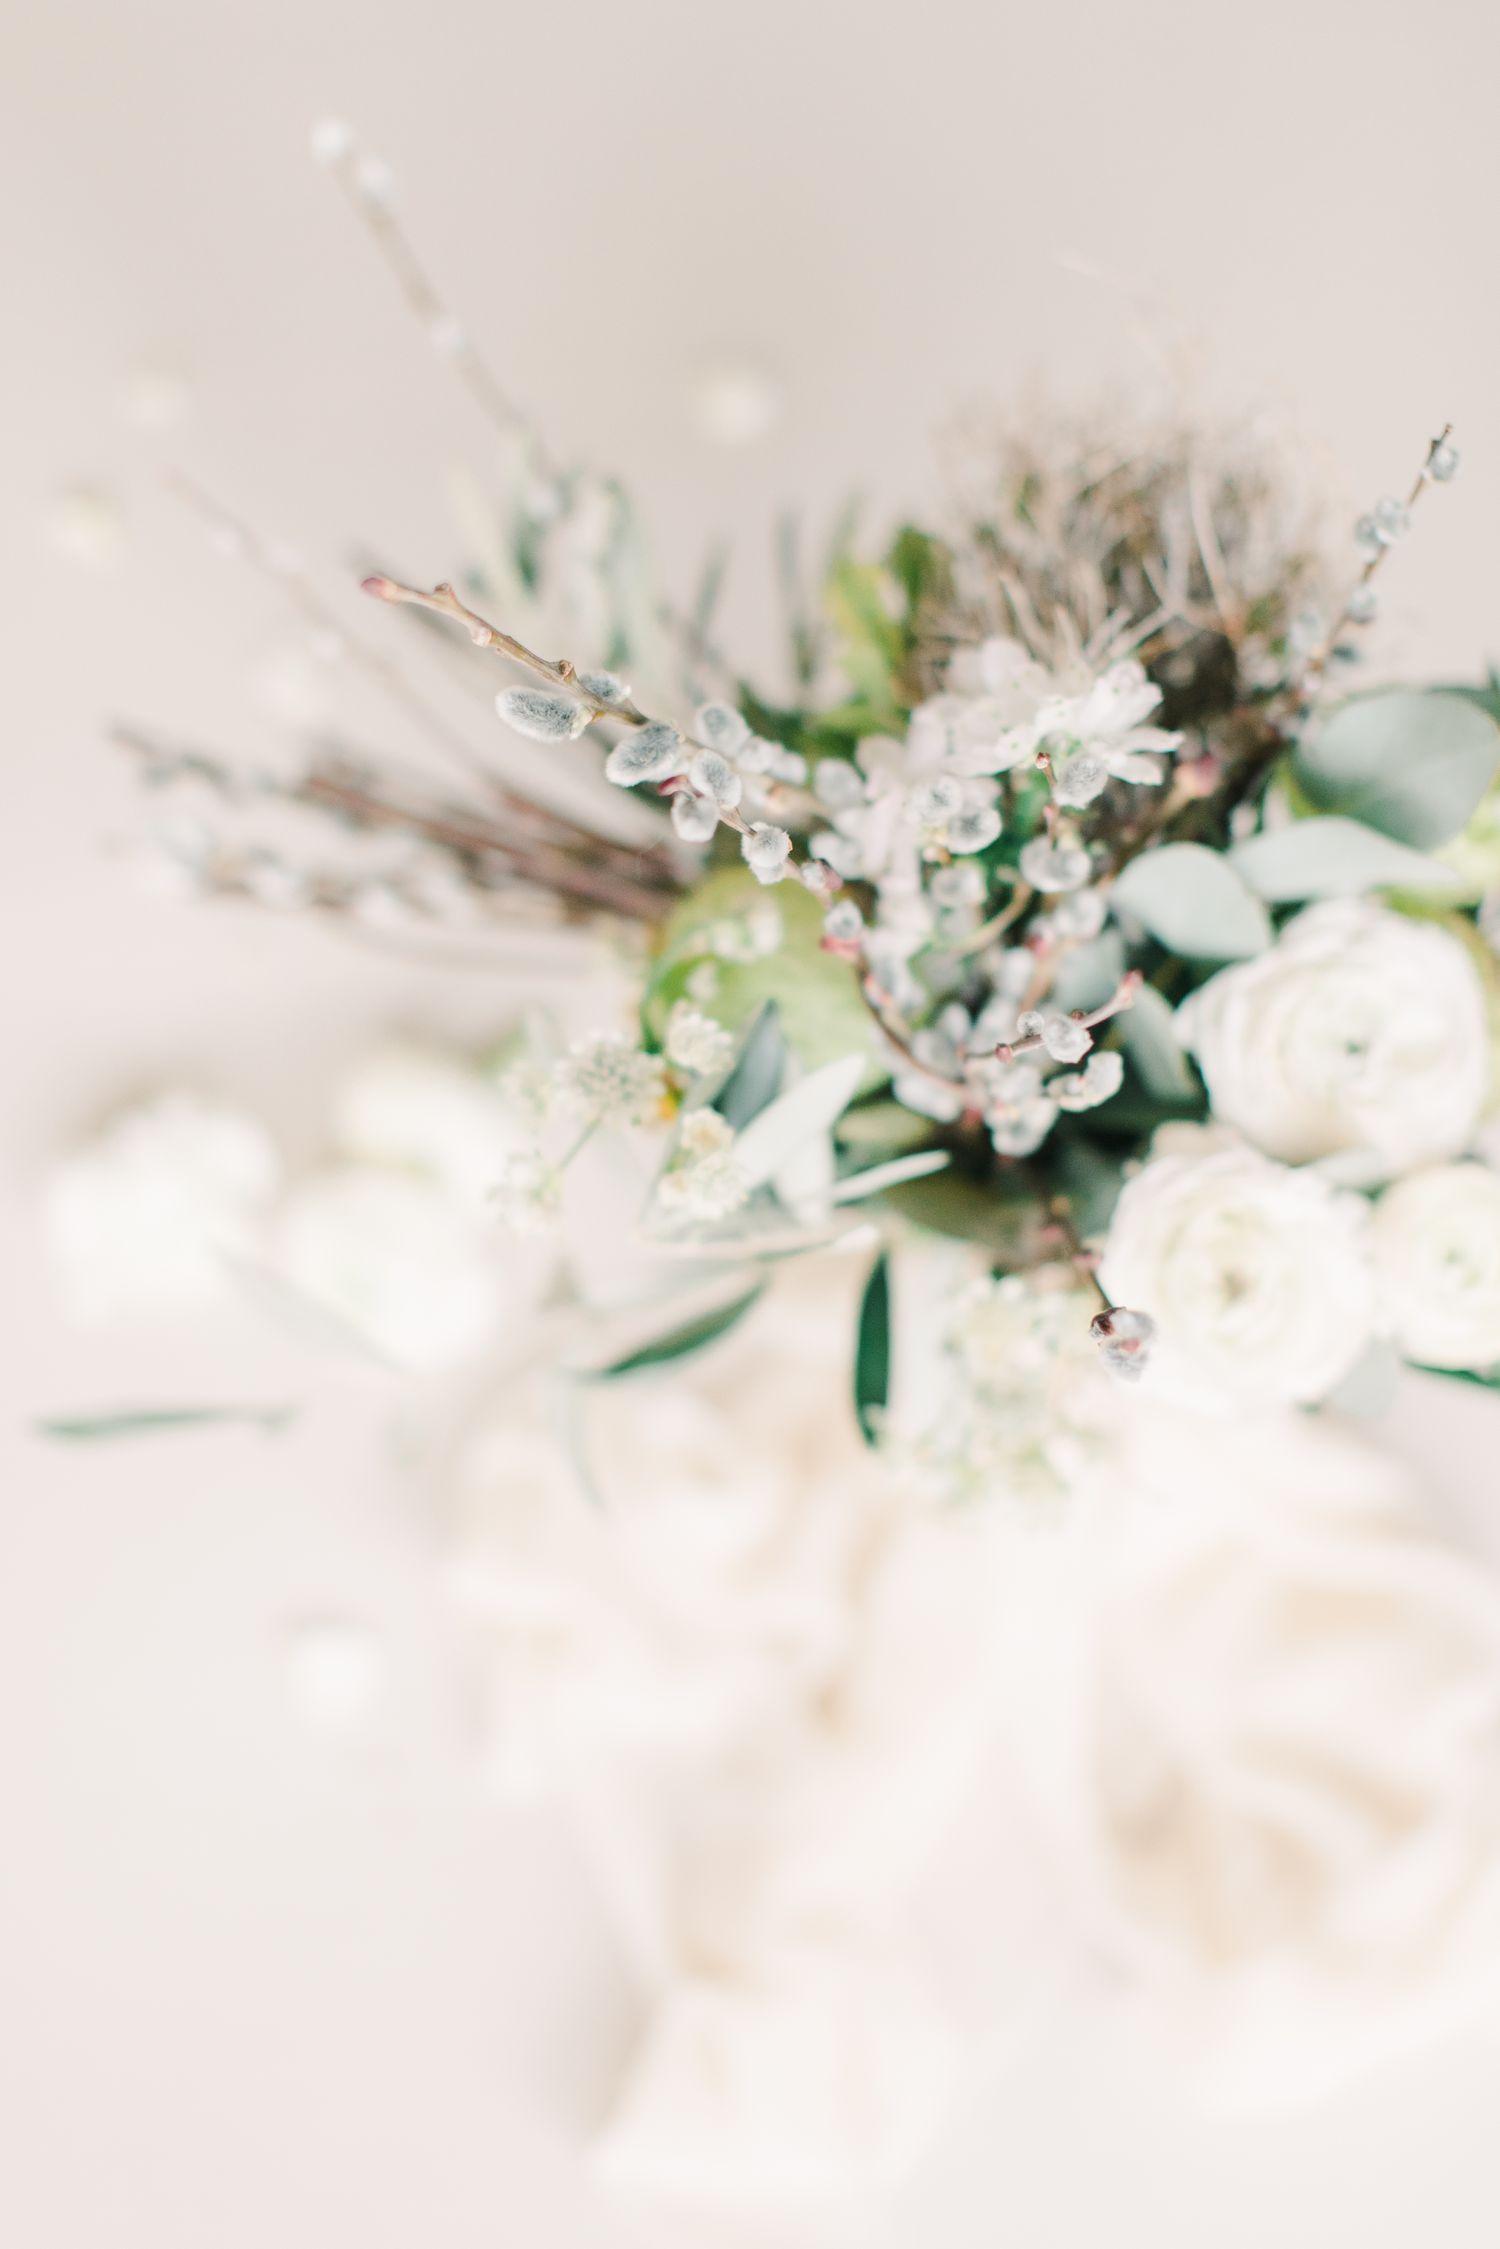 Hochzeit-fine-art-hochzeitsfotografie-Winterhochzeit-Aschaffenburg-Würzburg-Frankfurt-Hochzeitsfotografin-fine-art-wedding-photography_0257